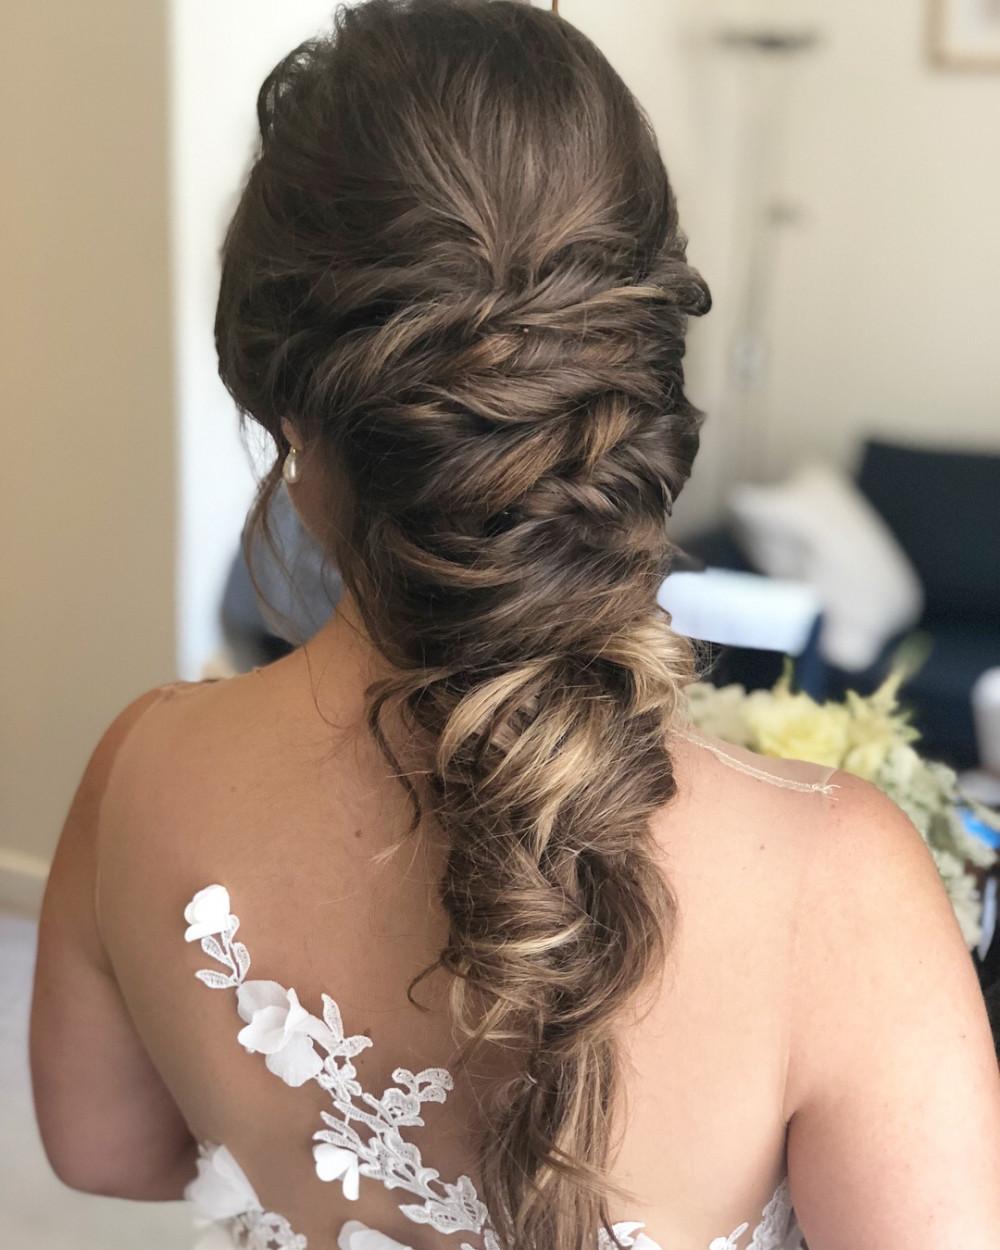 - Make Me Bridal Artist: Laura Anne Hair & Makeup Designer. #bridalhair #braid #bridesmaidhair #braidedupdo #weddinghair #plaits #bohohair #beachy #plaitupdo #bohemian